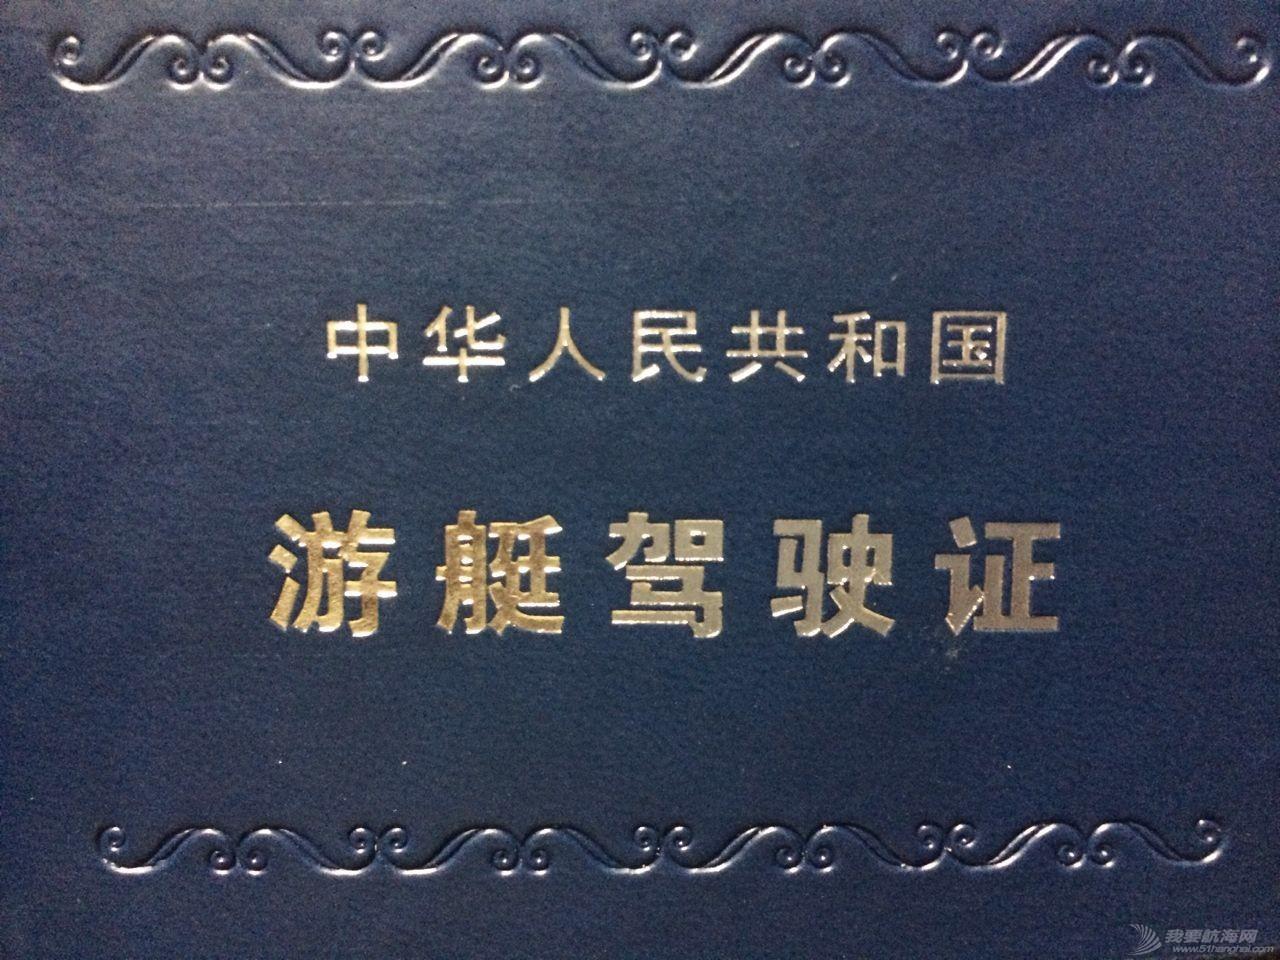 大连松辽蓝色梦想游艇驾校(A2F /A2E/A1E/A1F) 577262166005154232.jpg